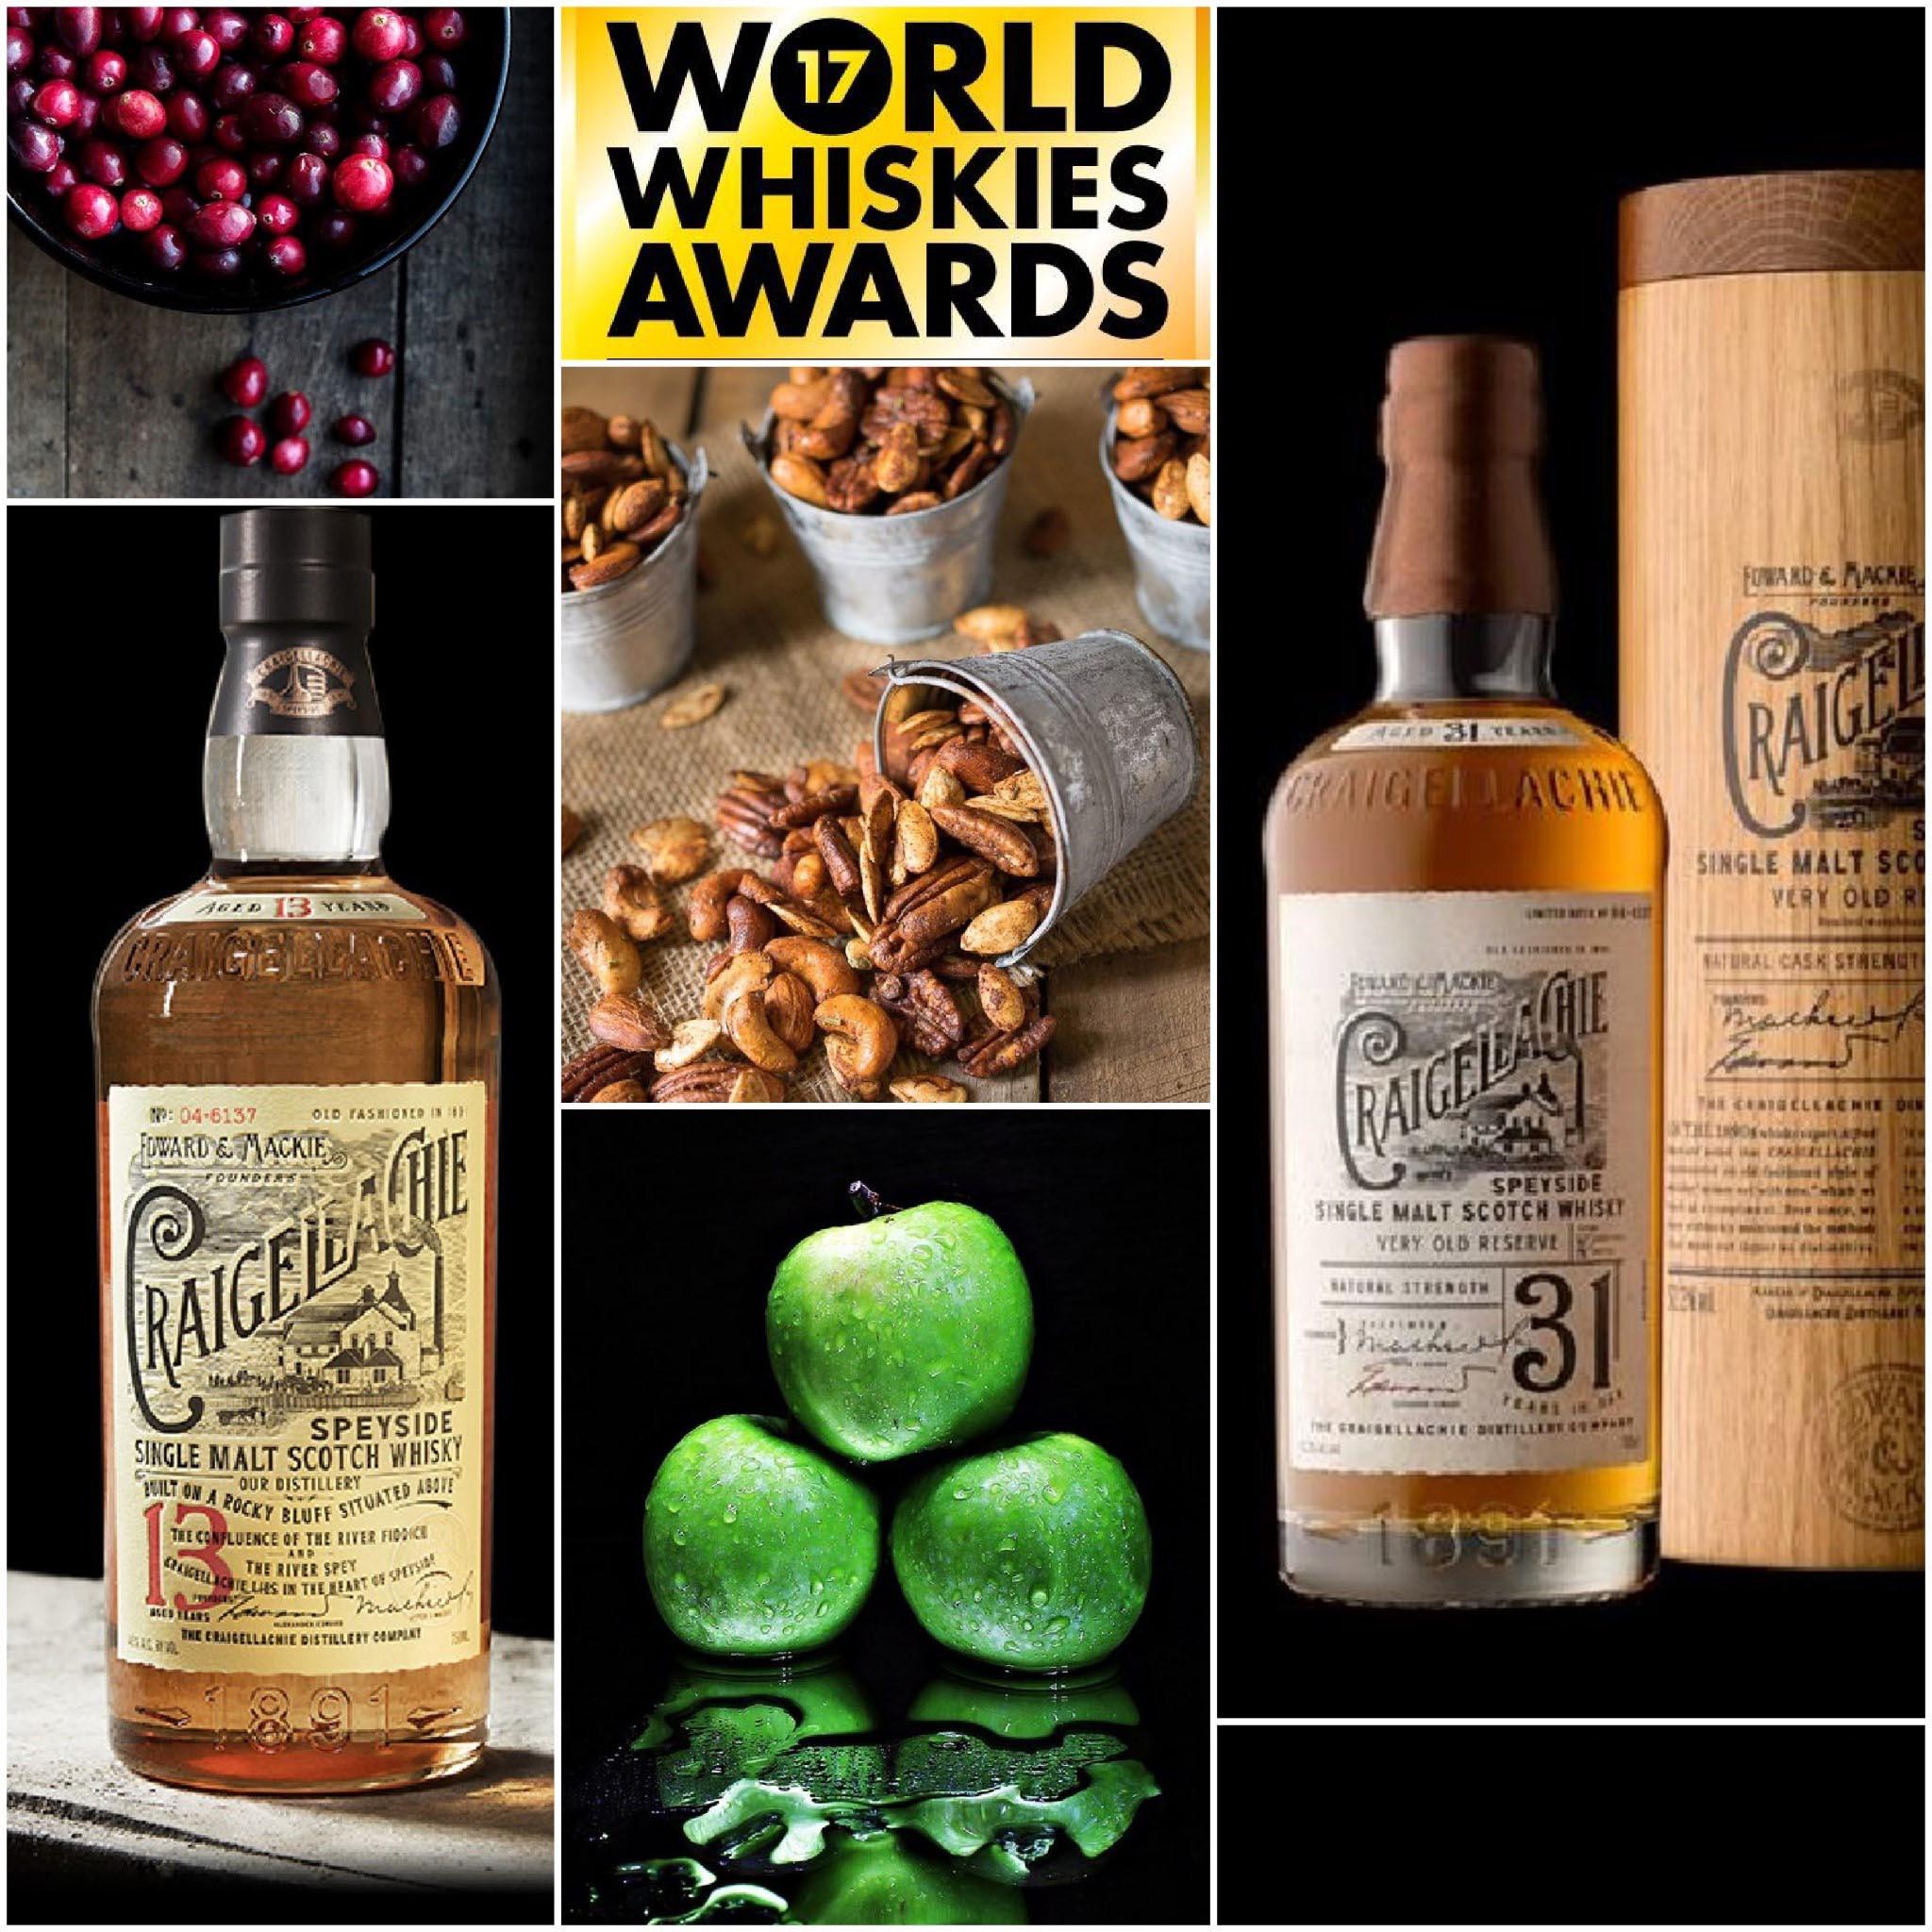 Nagrody World Whiskies Awards przyznane, jednak szanse na degustację zwycięzców niewielkie